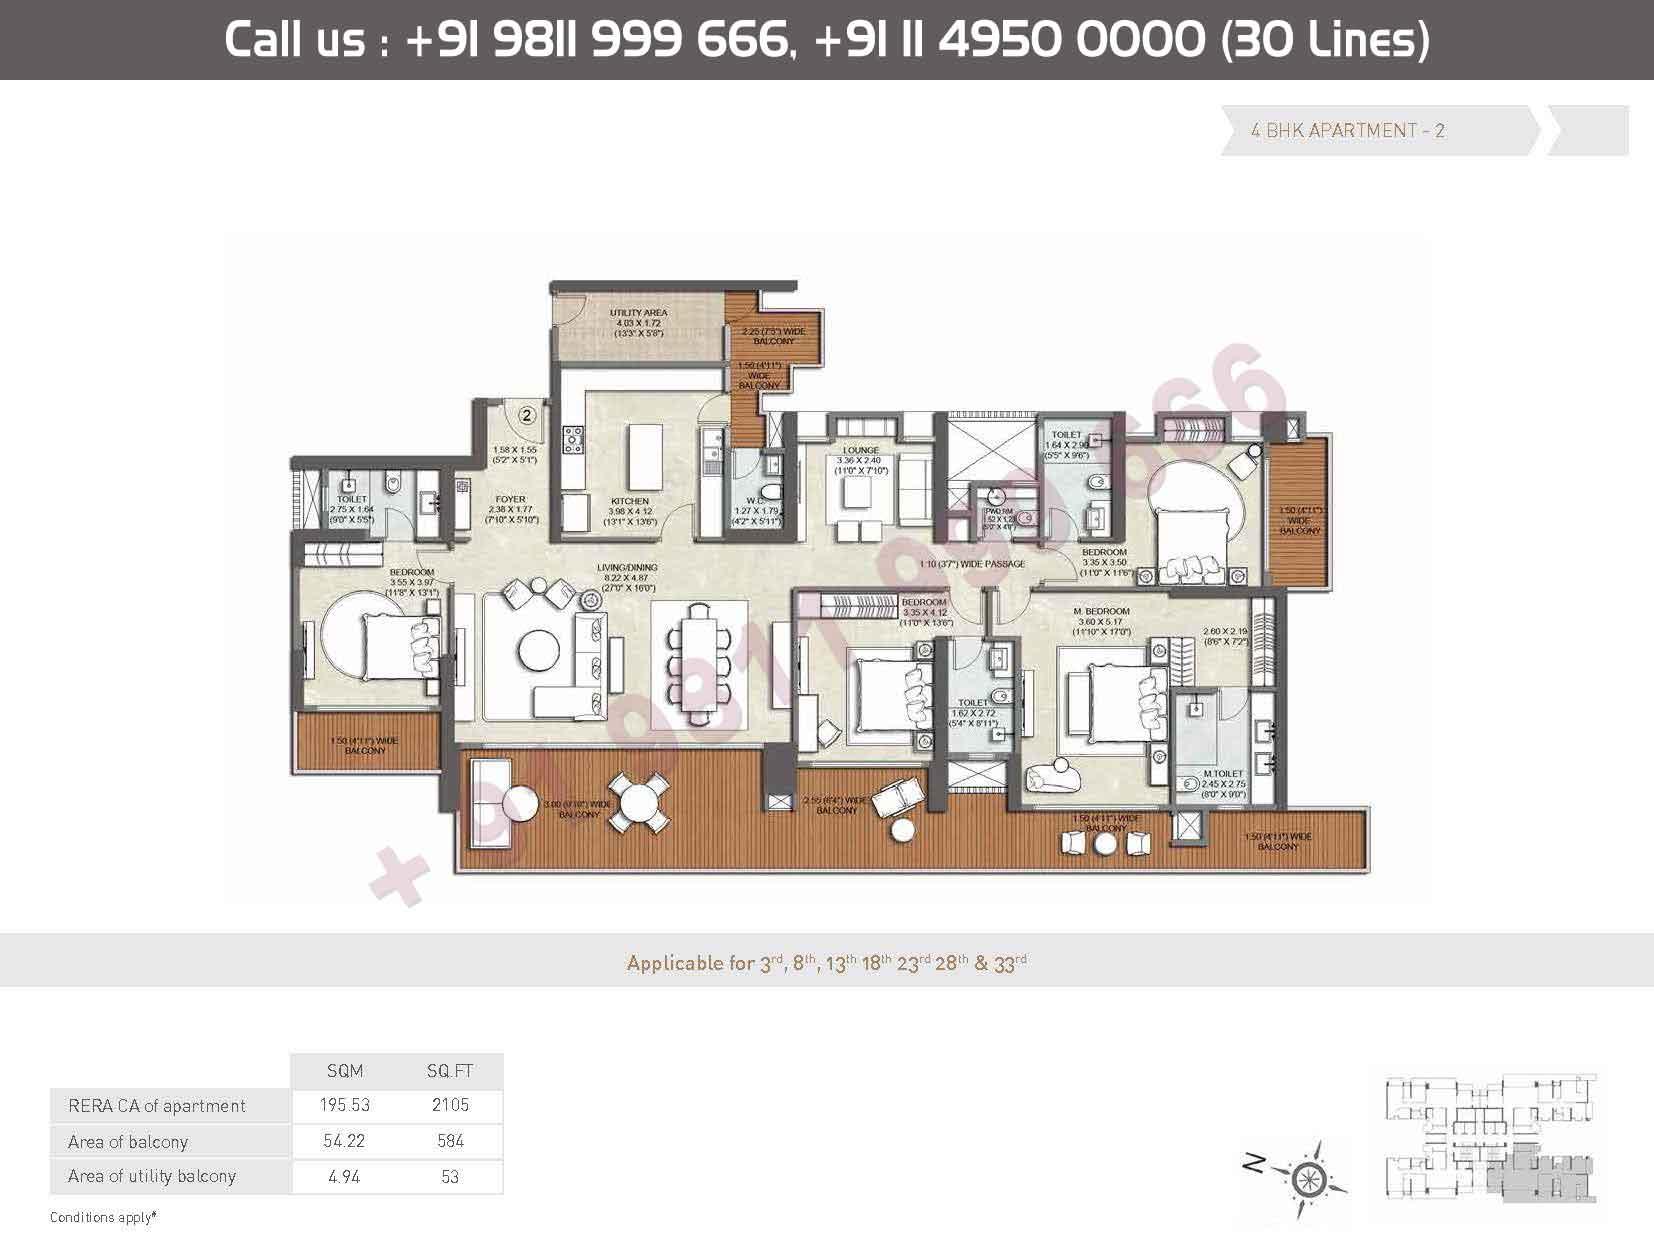 Apartment - 2 : 2105 Sq. Ft.